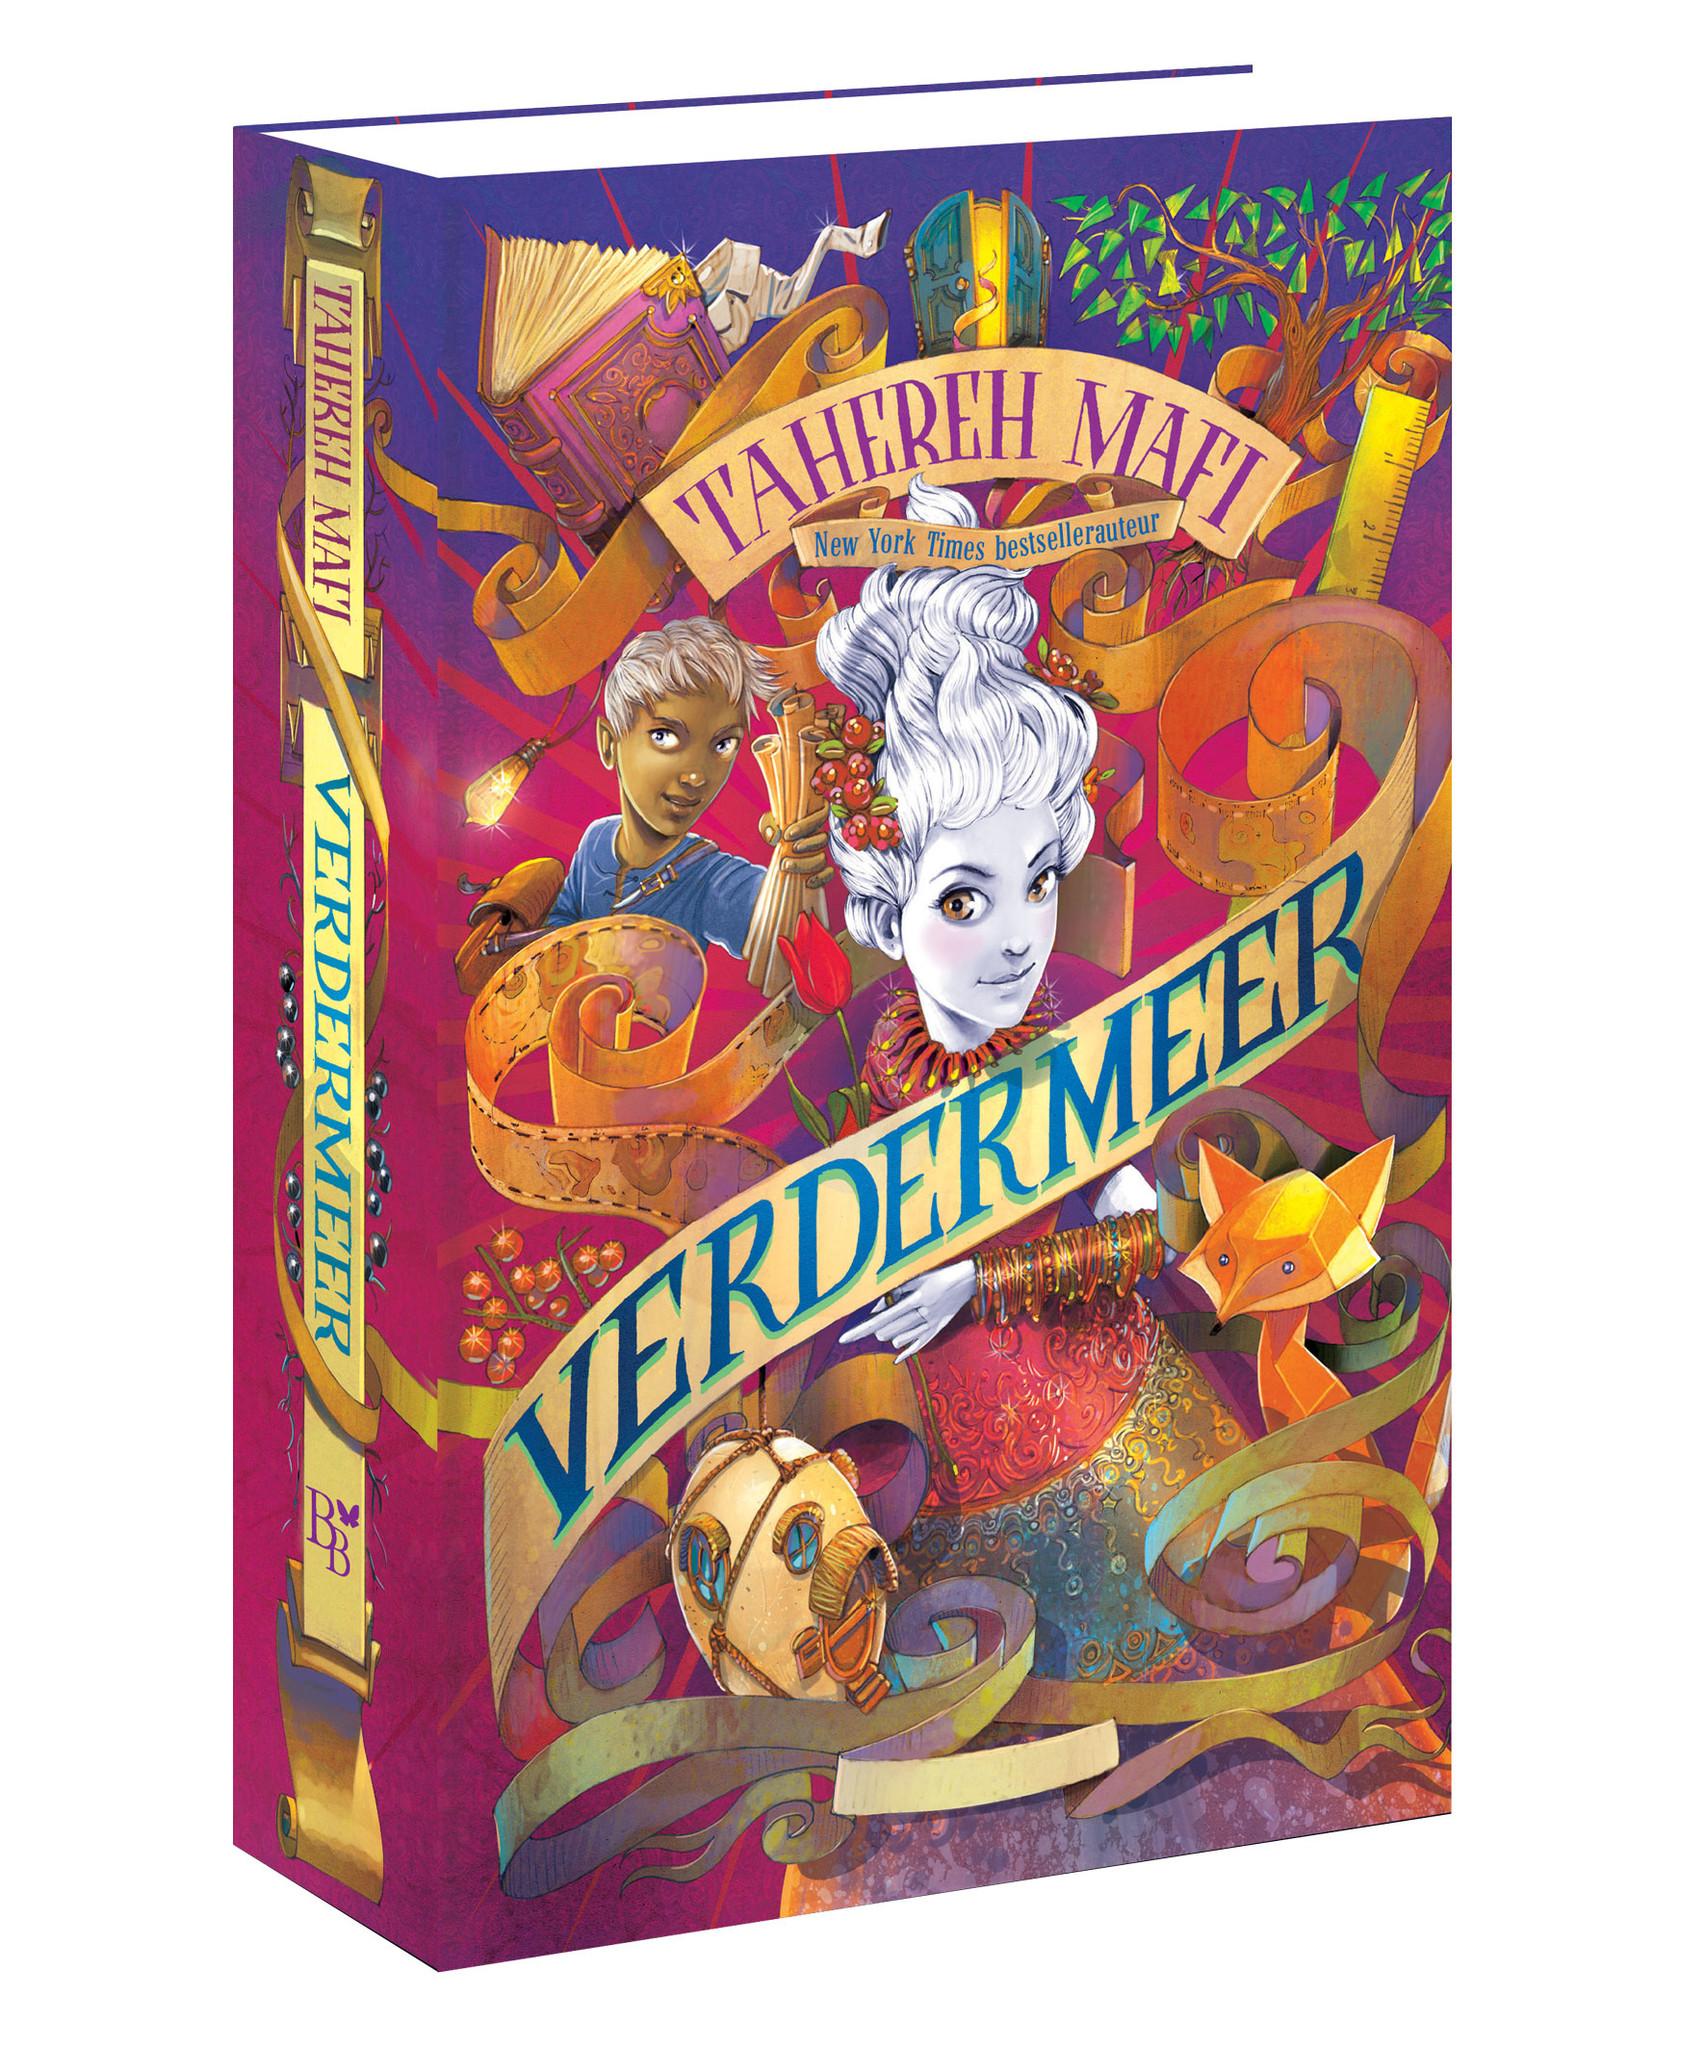 Blossom Books Verdermeer - Tahereh Mafi (b-keuze)